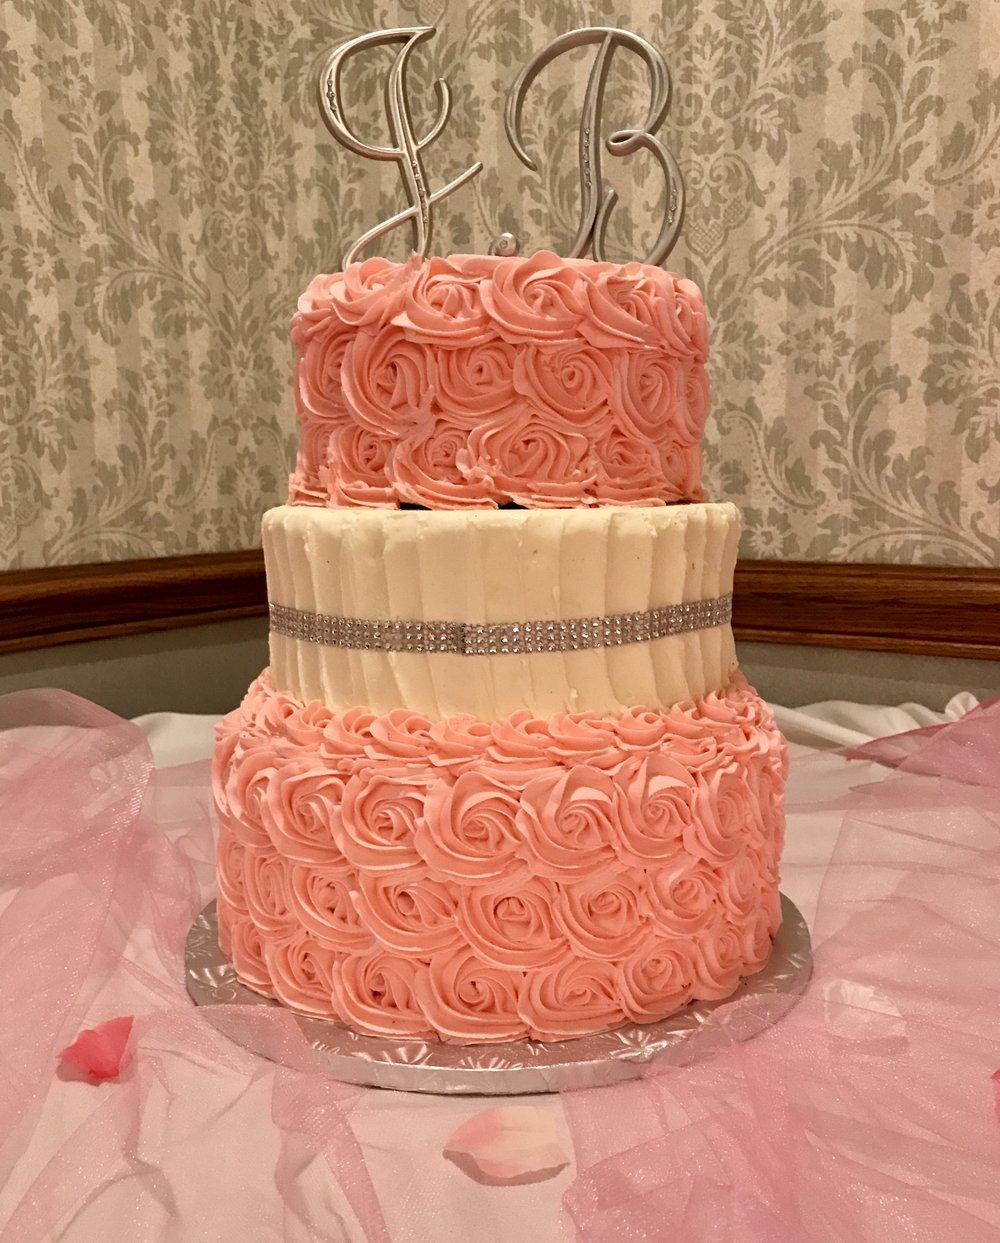 Wedding3tierpinkwhiteRosettes.jpg